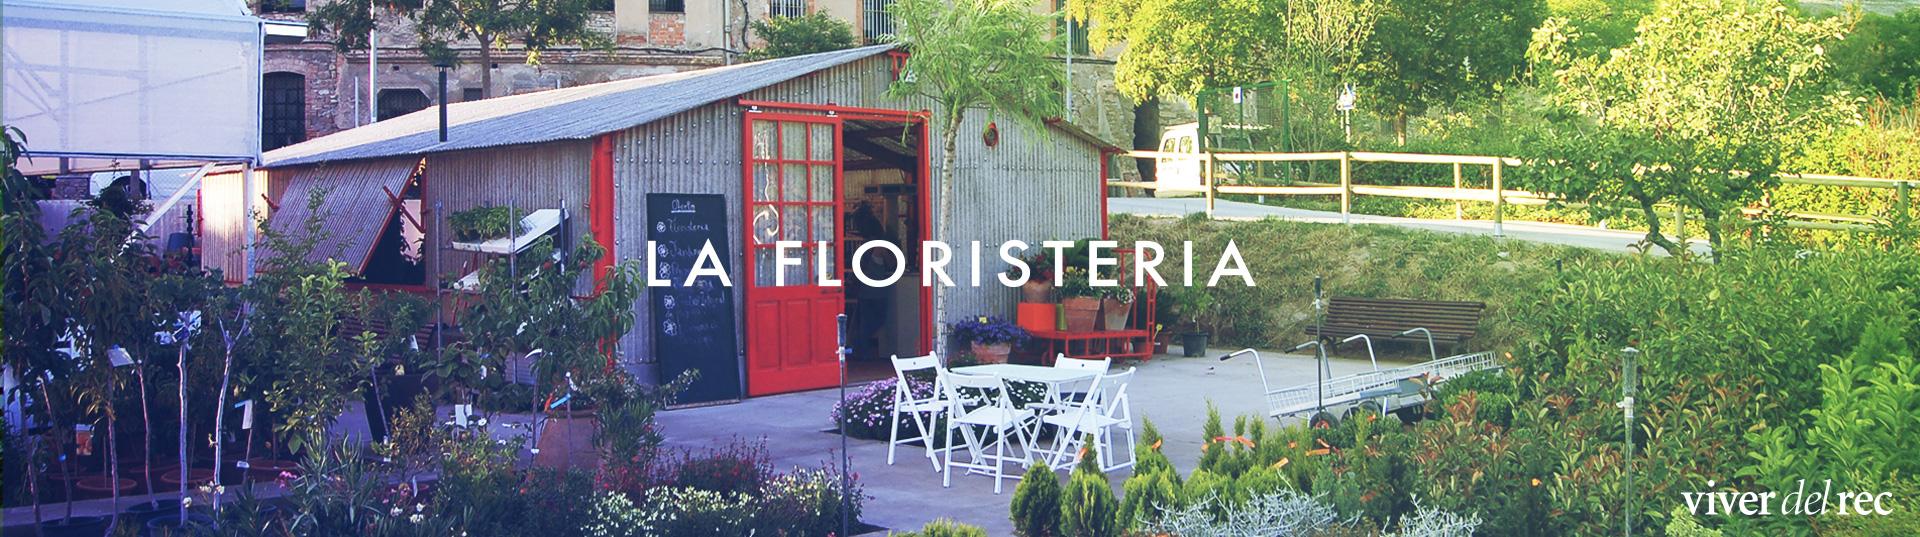 La Floristeria del Viver del rec